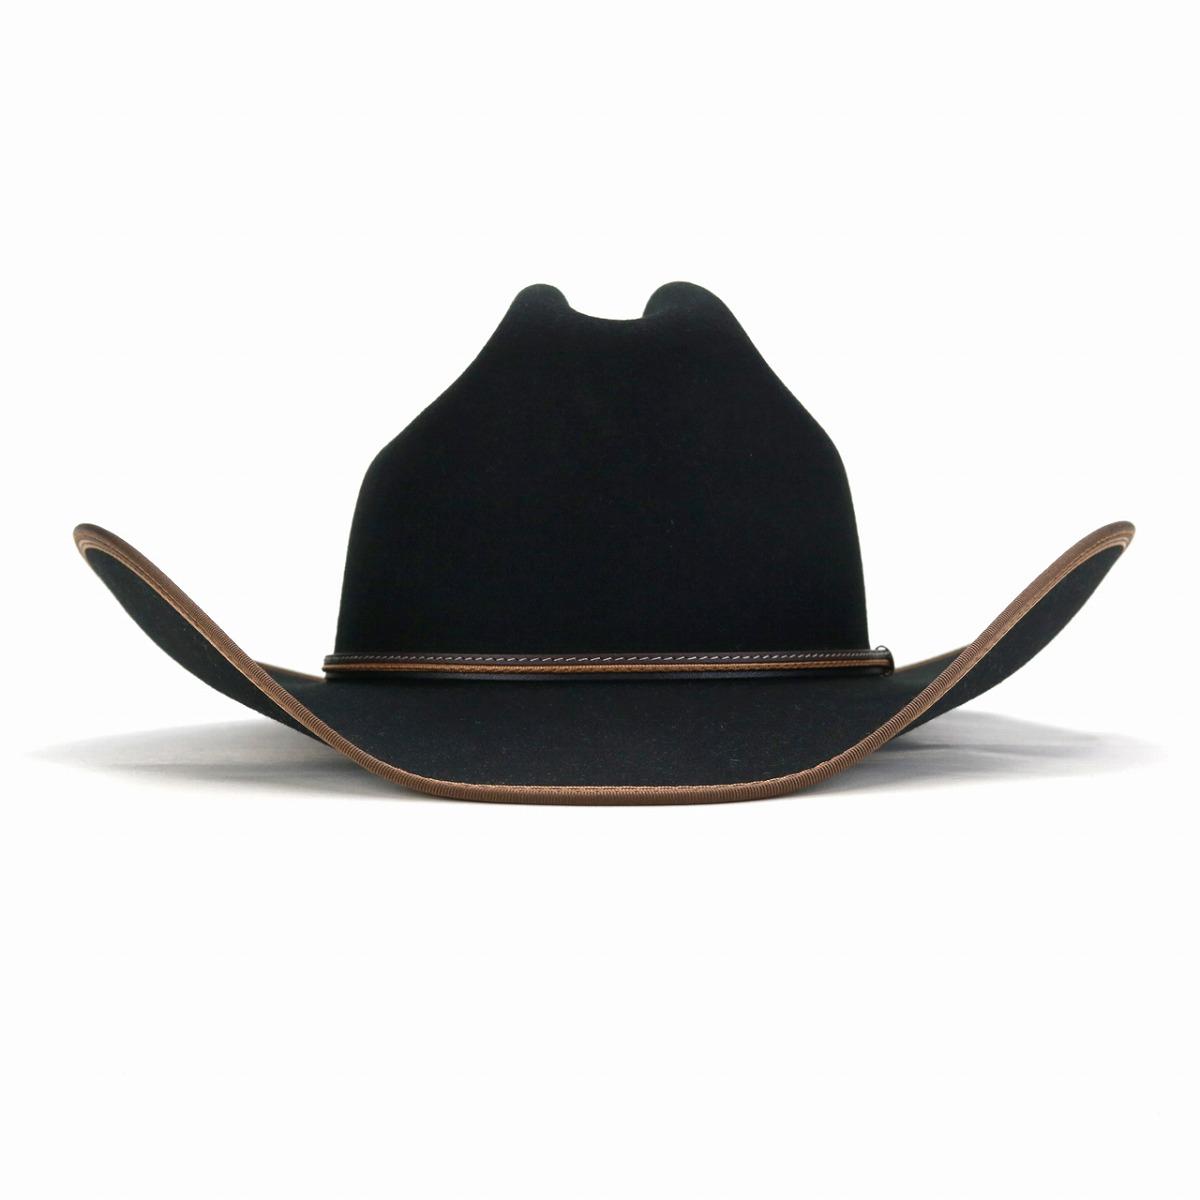 68a20c05069395 ... STETSON western hat United States brand gentleman hat キャトルマンハットステットソン  soft felt hat ten ...